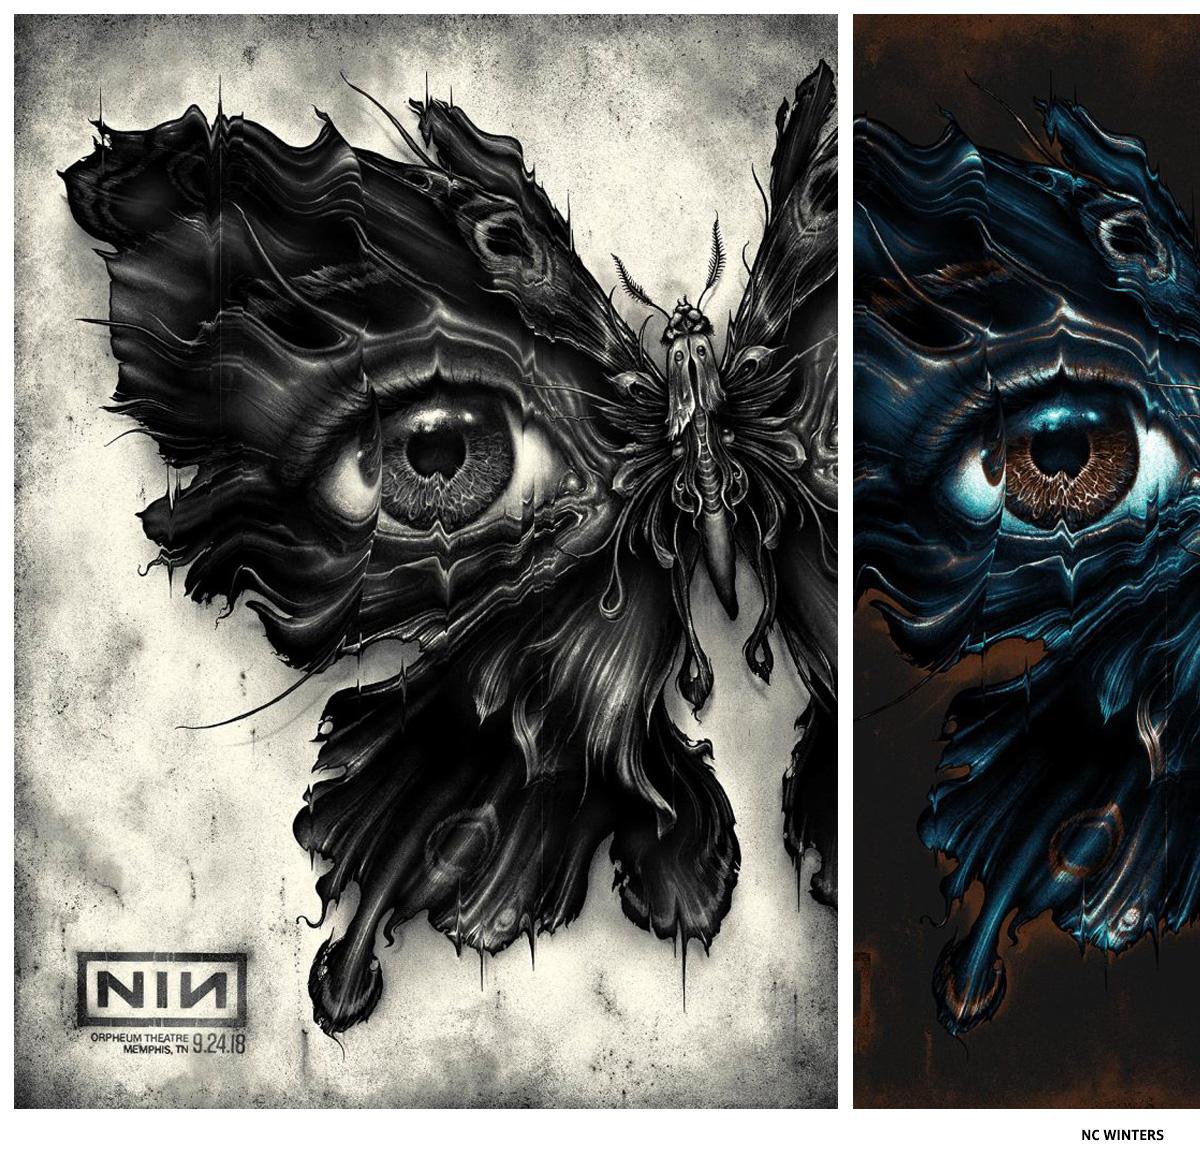 Nine Inch Nails par NC Winters affiche sérigraphie